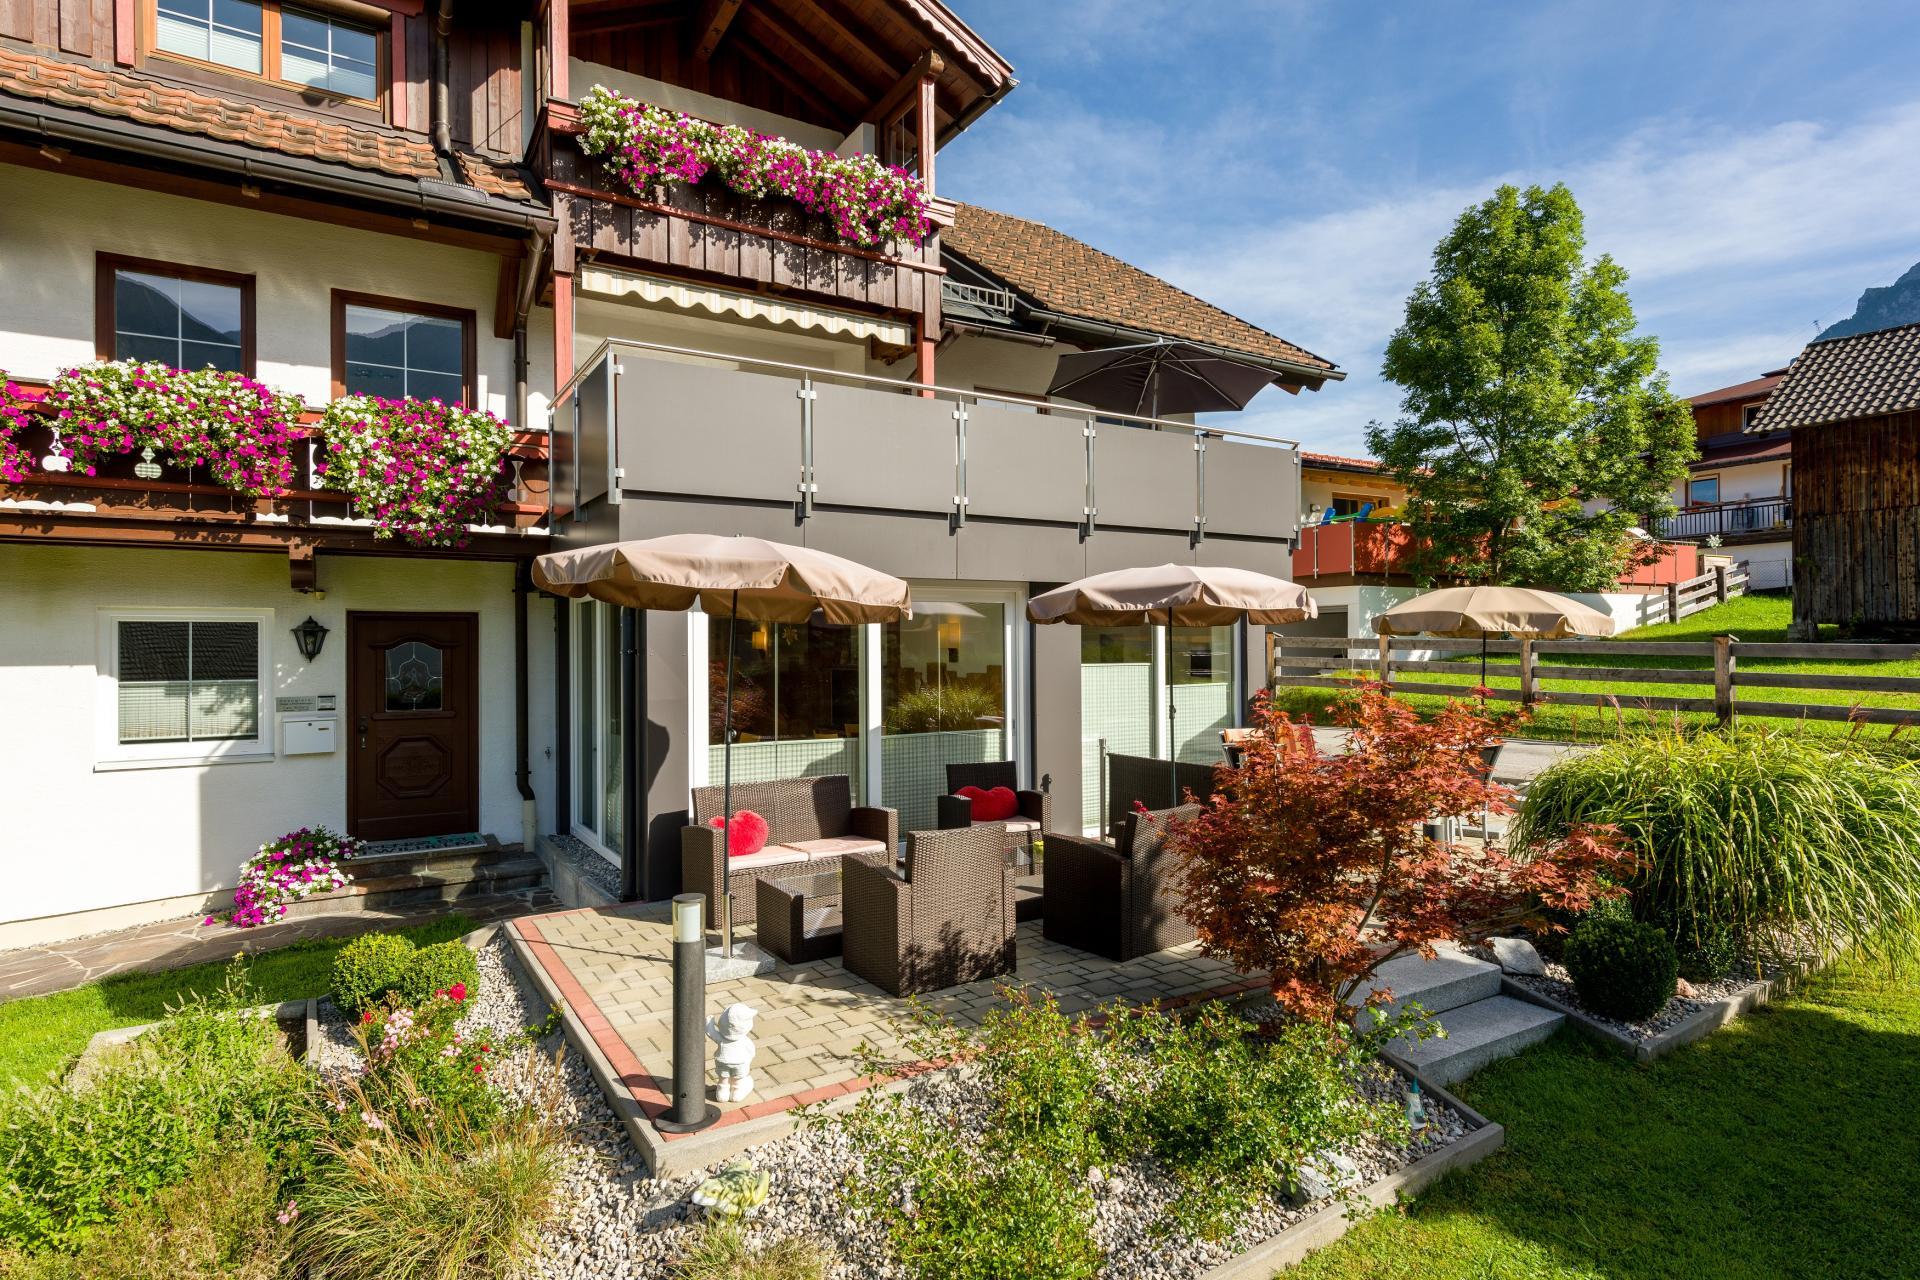 4 Sterne Zugspitzhof Ehrwald #Bildergalerie#Verpflegung#Sommer